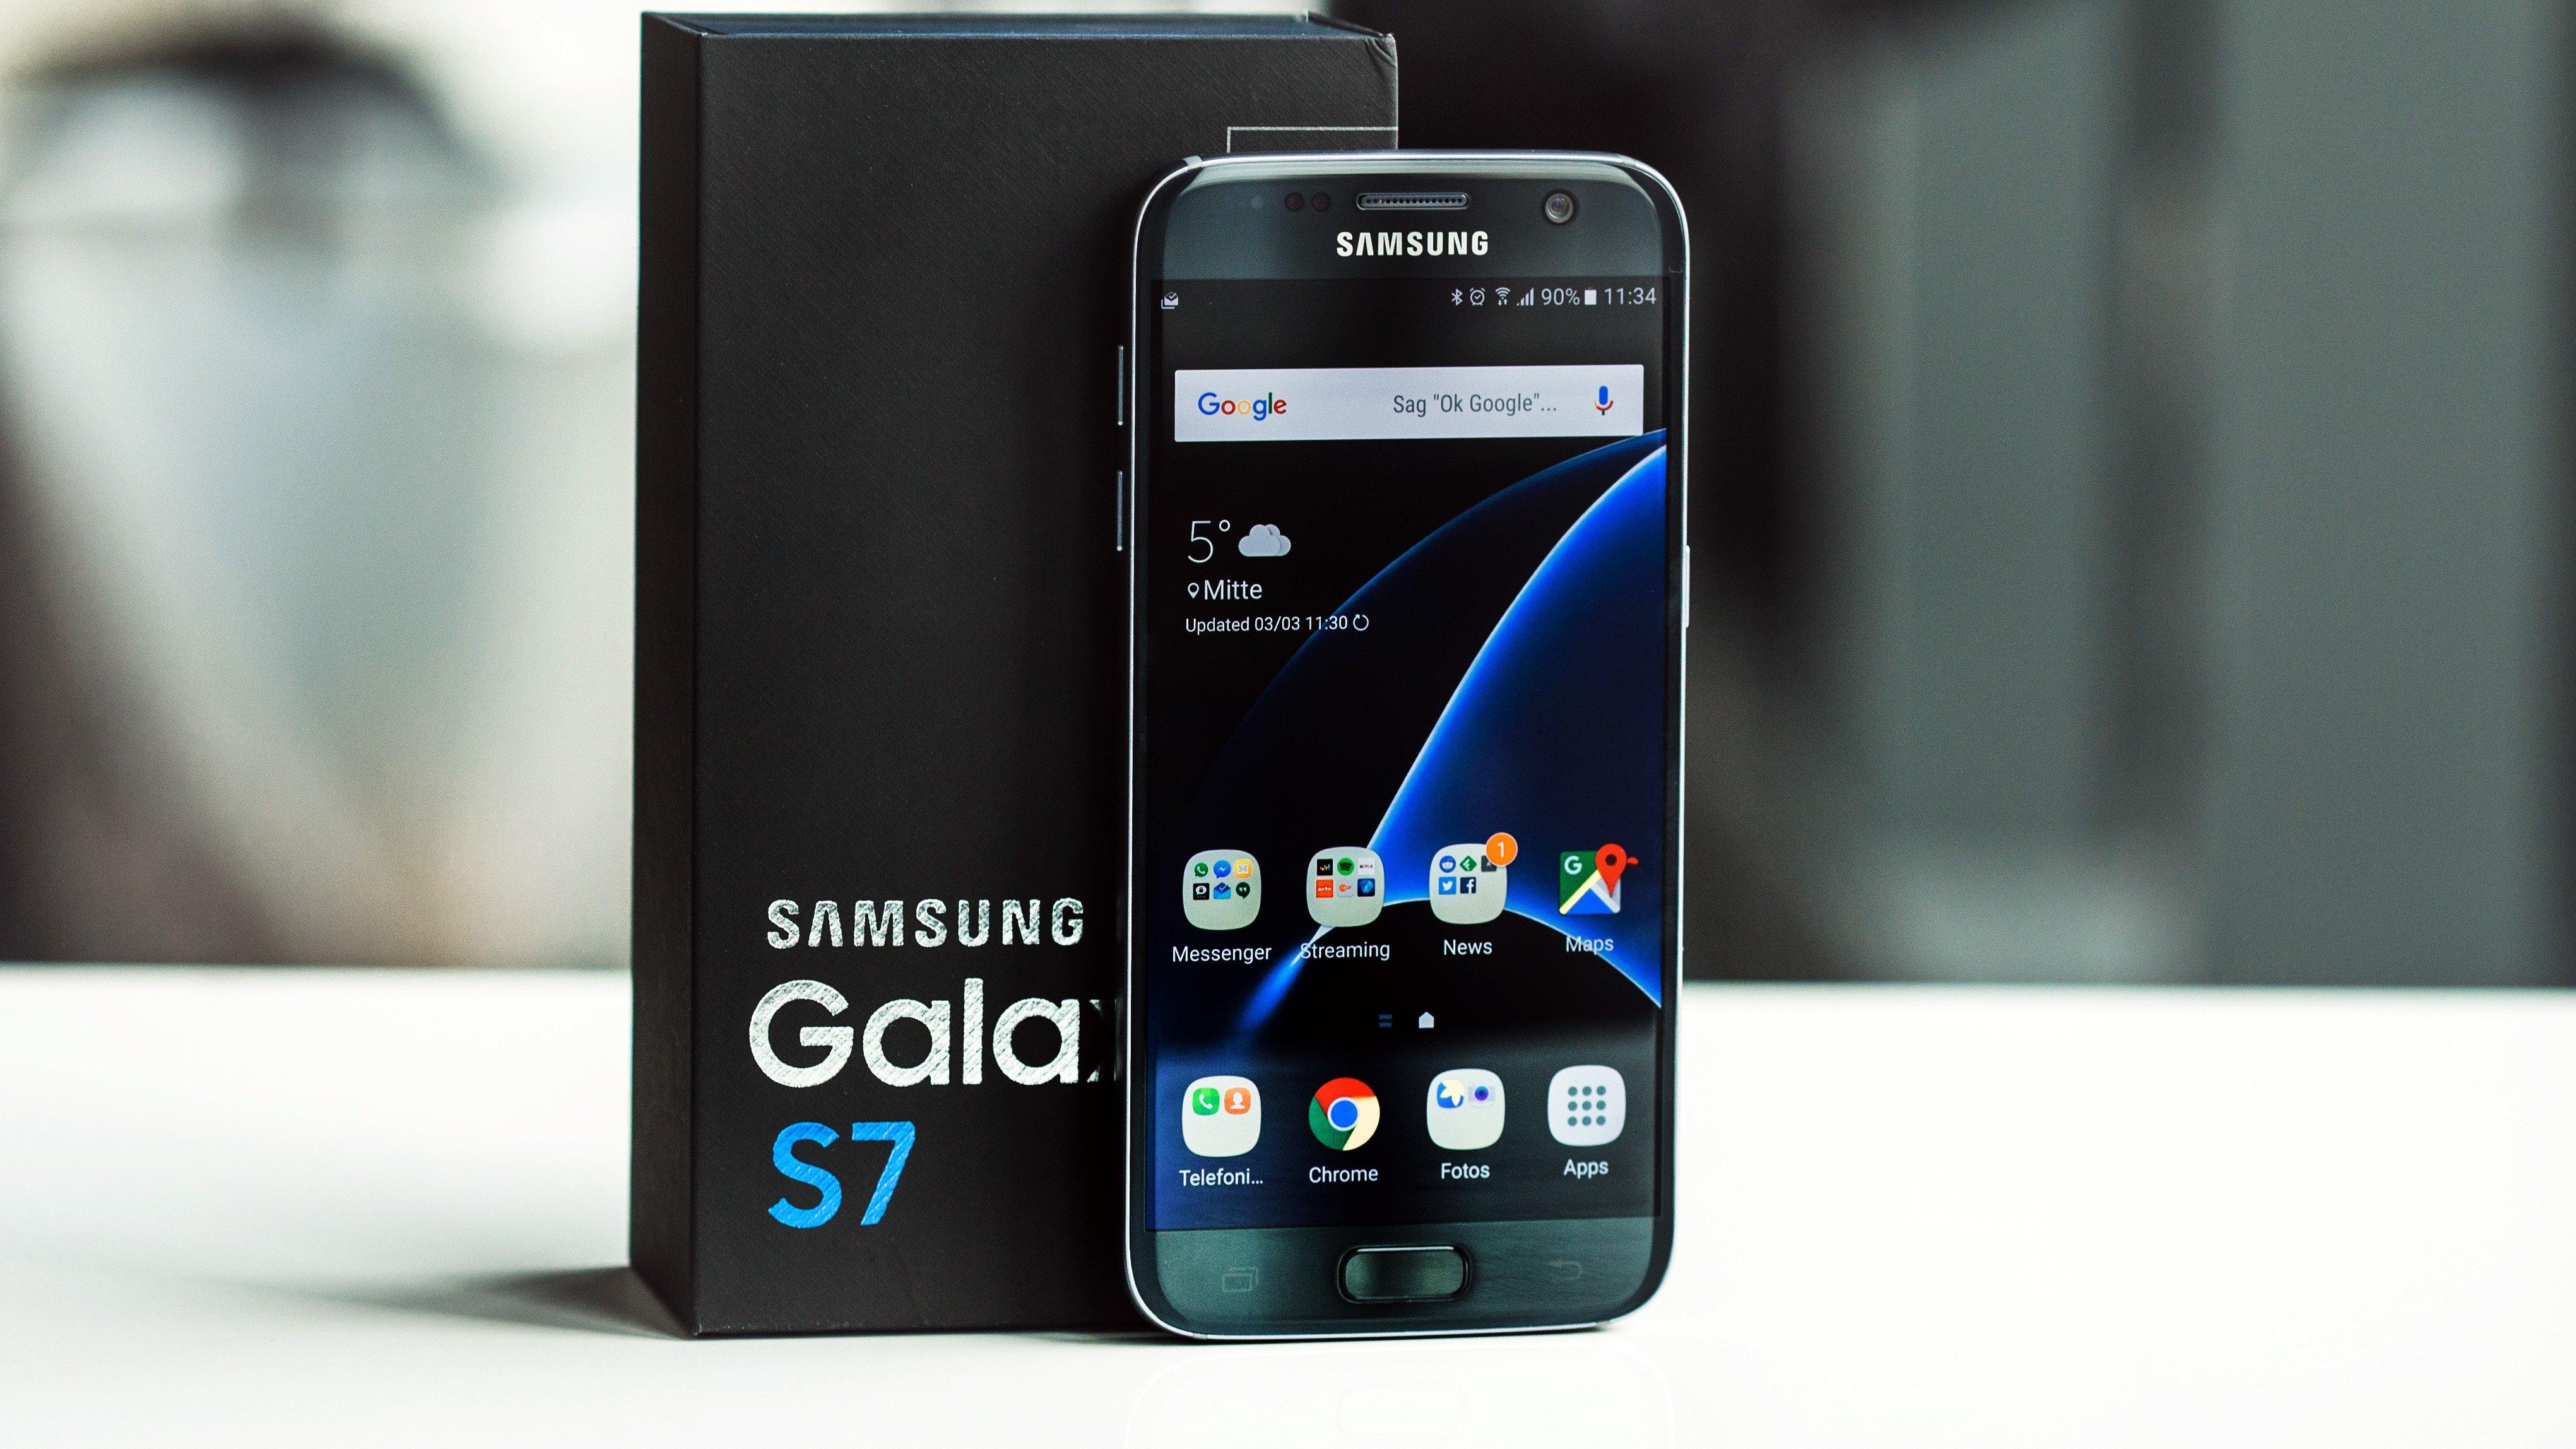 Perché il mio Samsung Galaxy S7 si ricarica lentamente? [Soluzione] 1